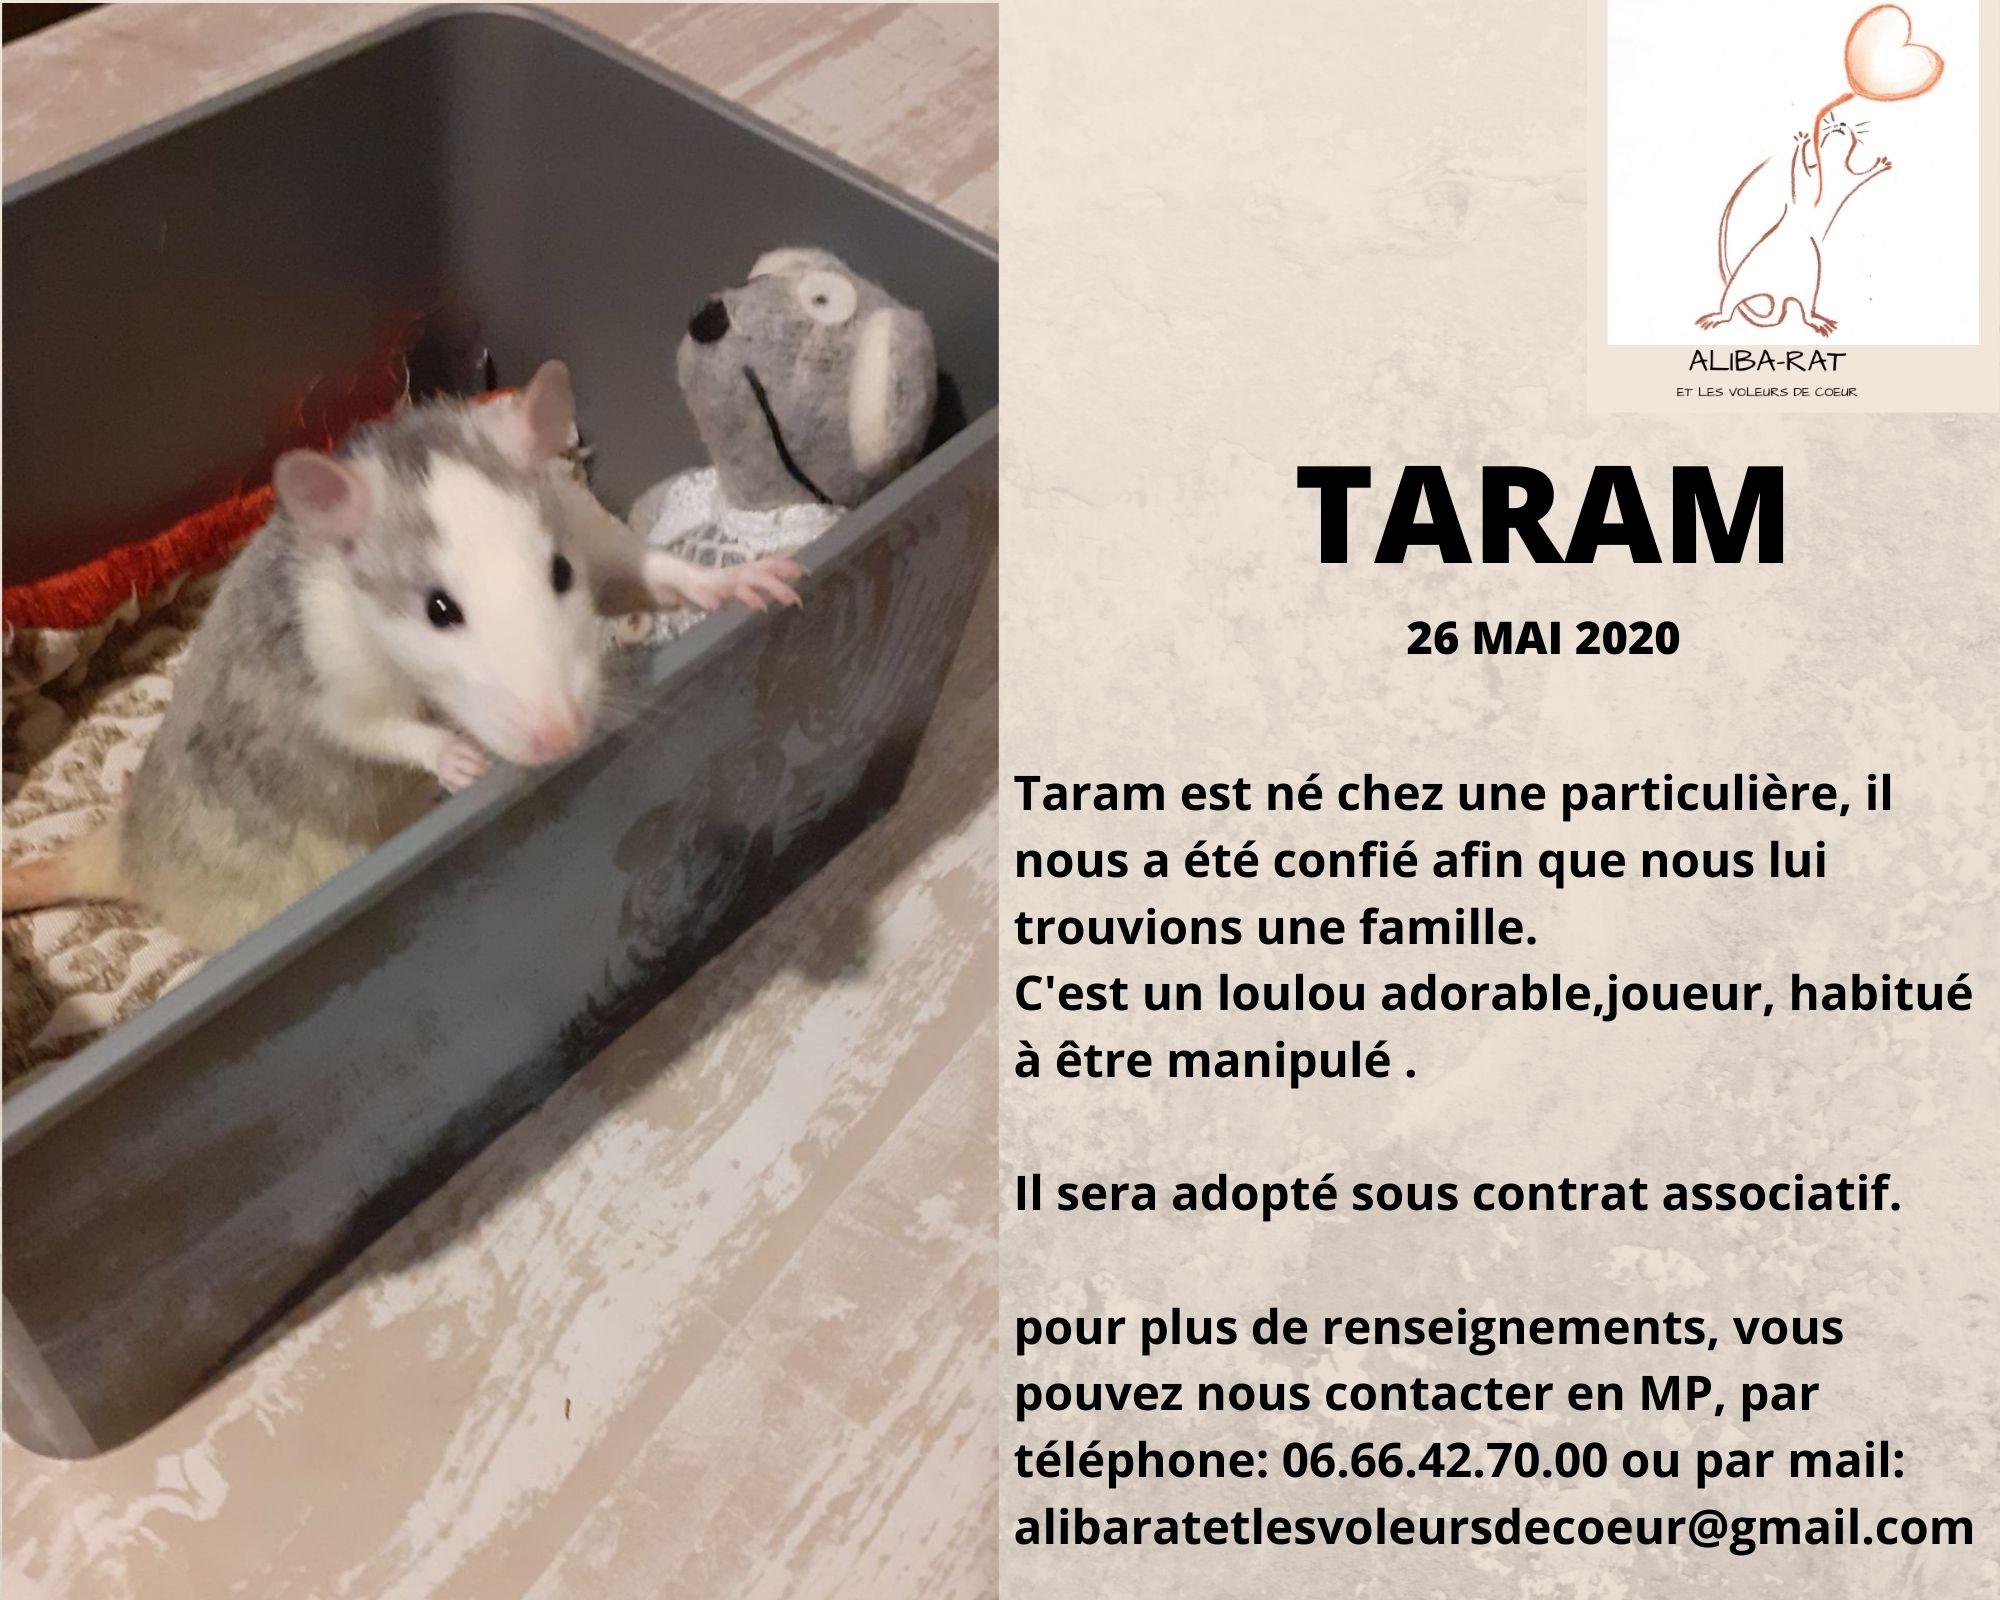 Taram